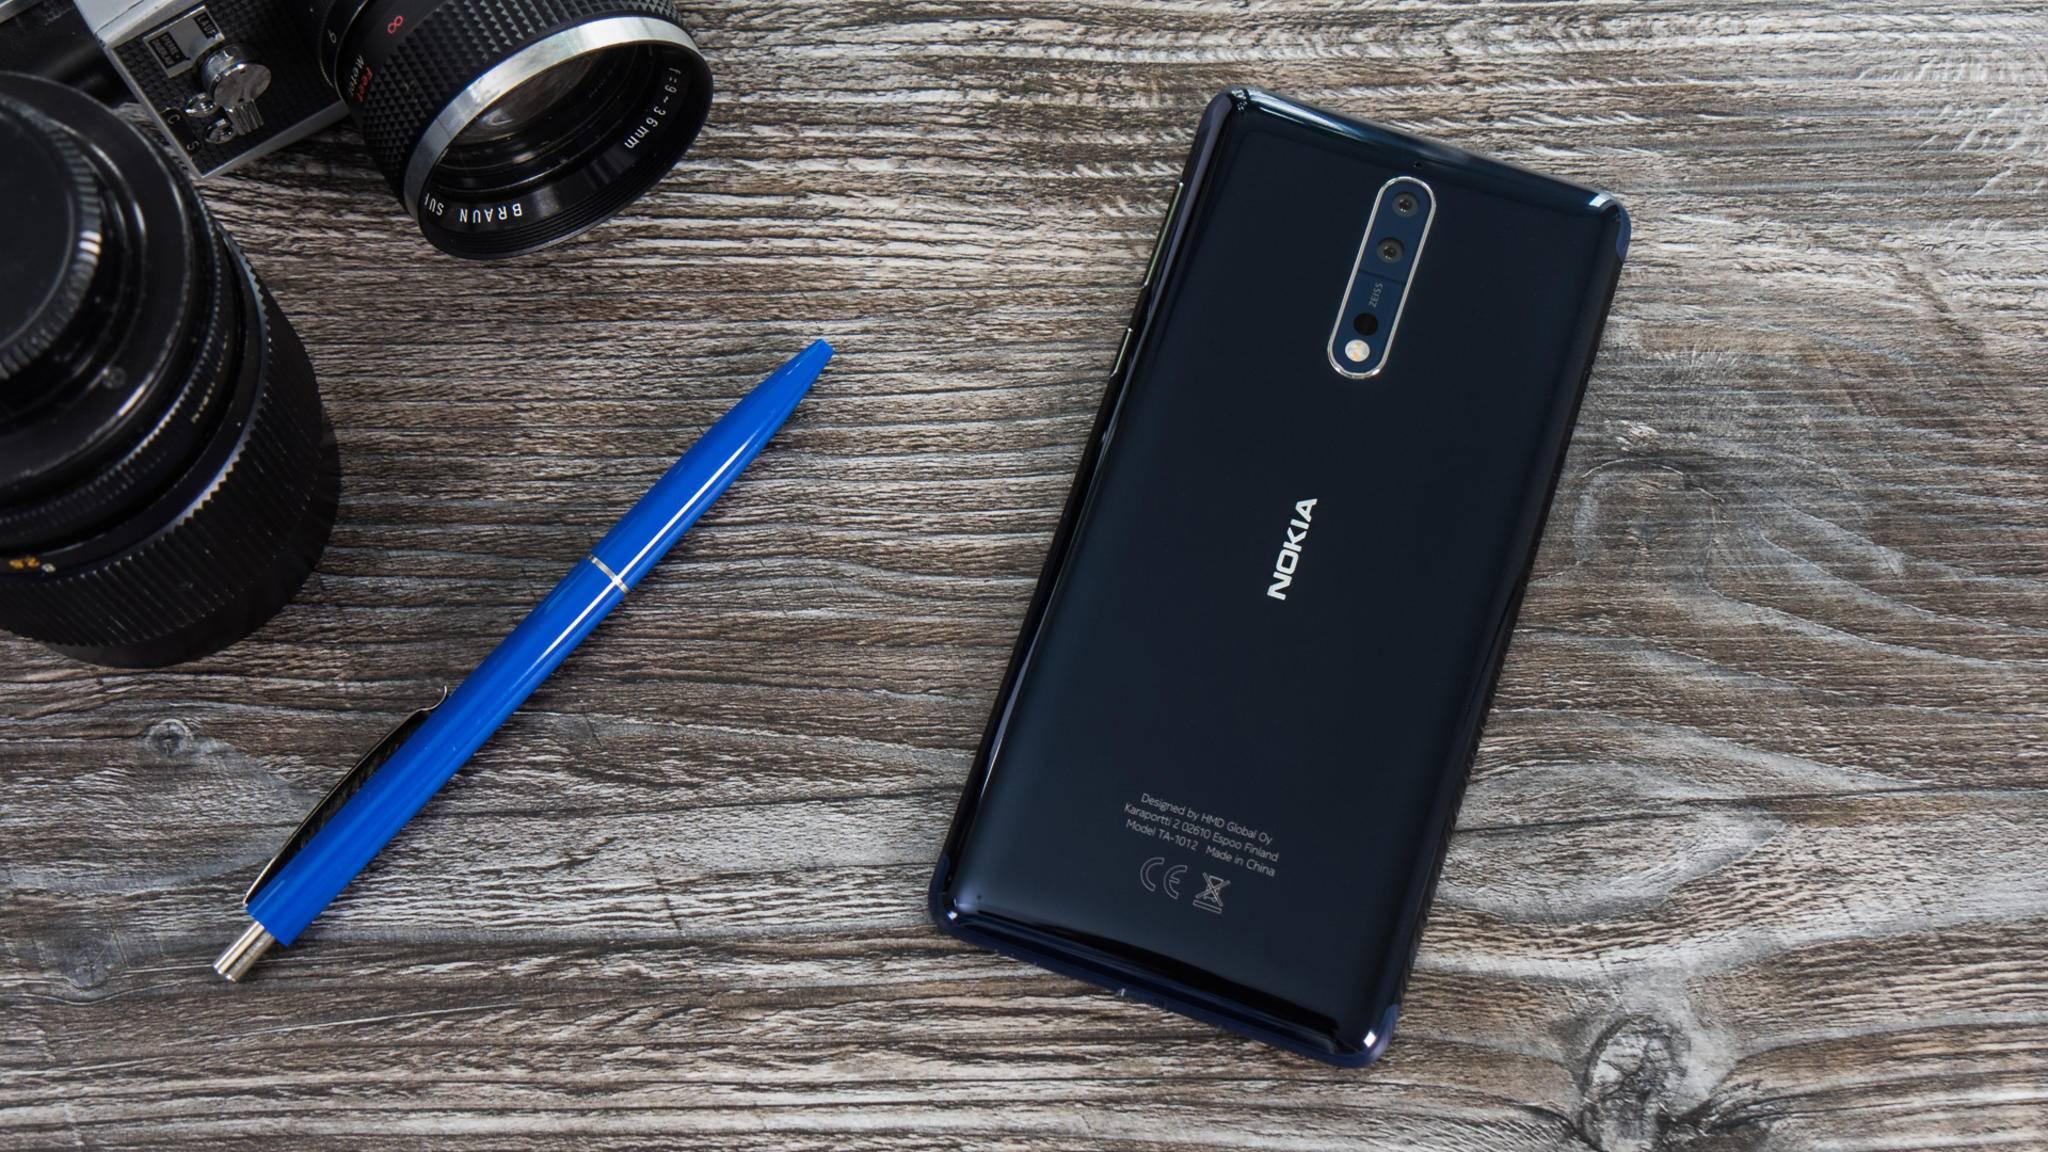 Das Nokia 8 soll die Finnen zurück an die Weltspitze führen.